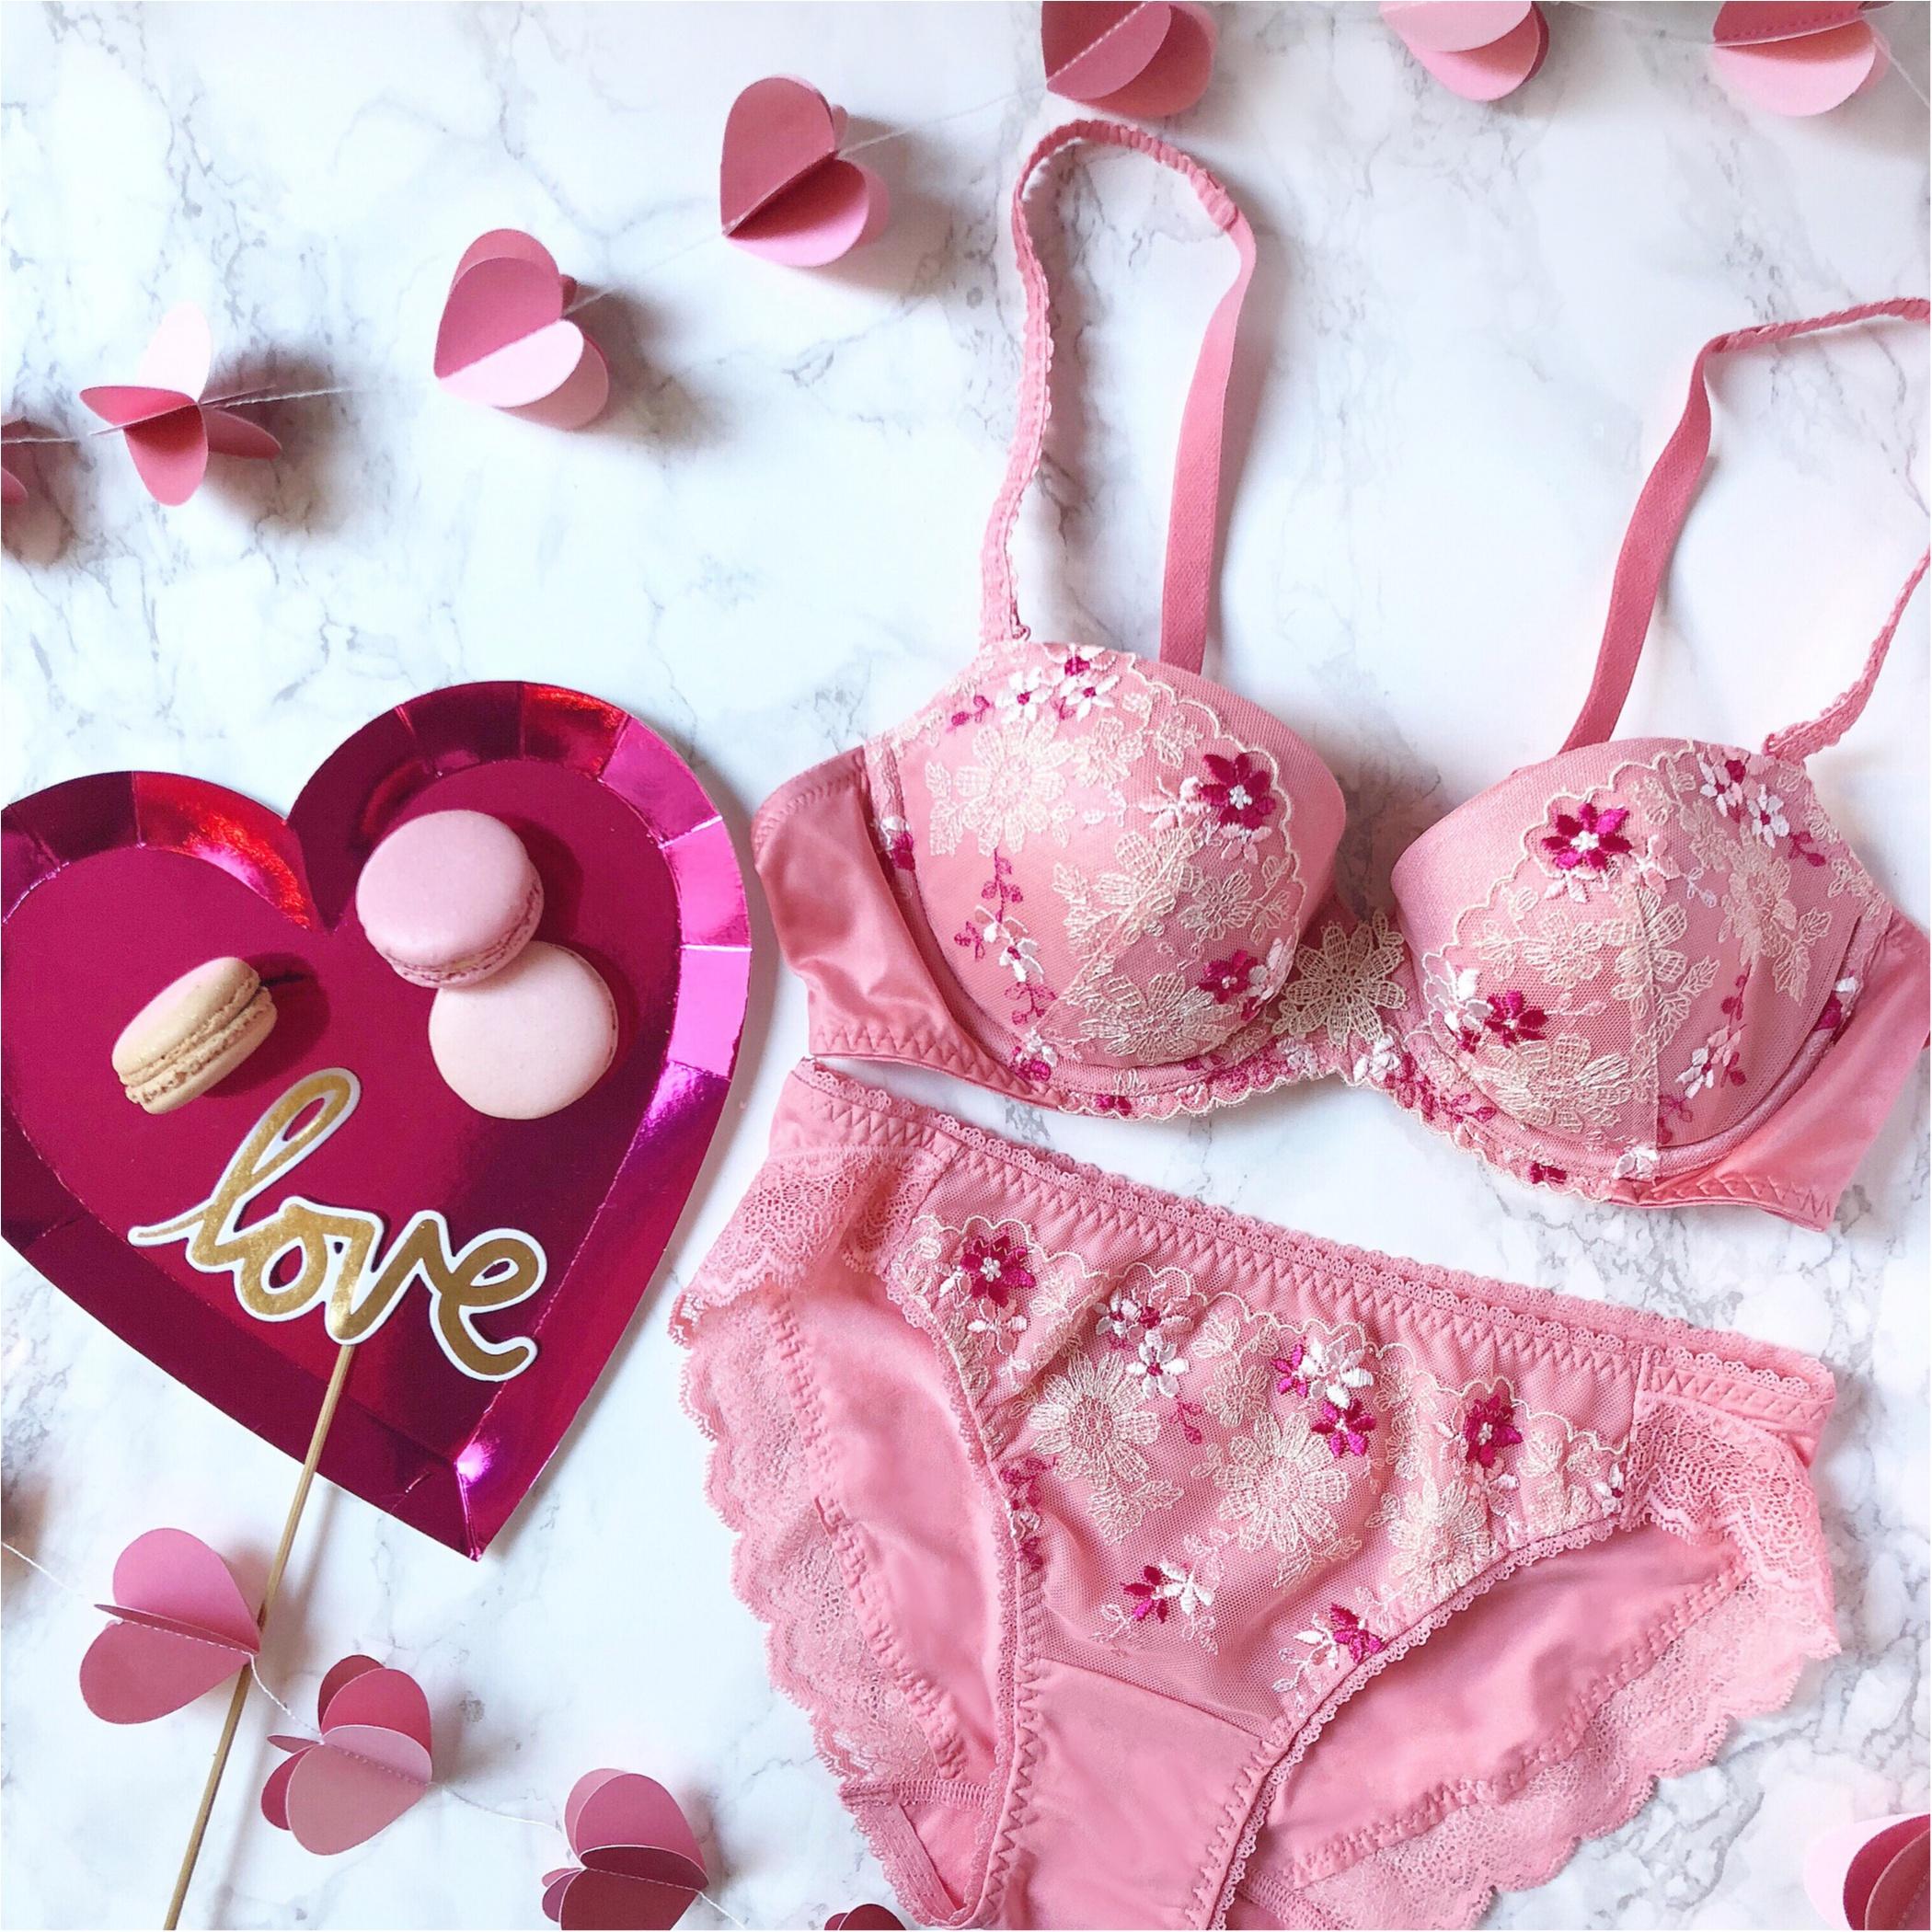 バレンタインは、人気No.1の「夢みるブラ®Premium」でスウィートな気分をさらに盛り上げて♡_1_1